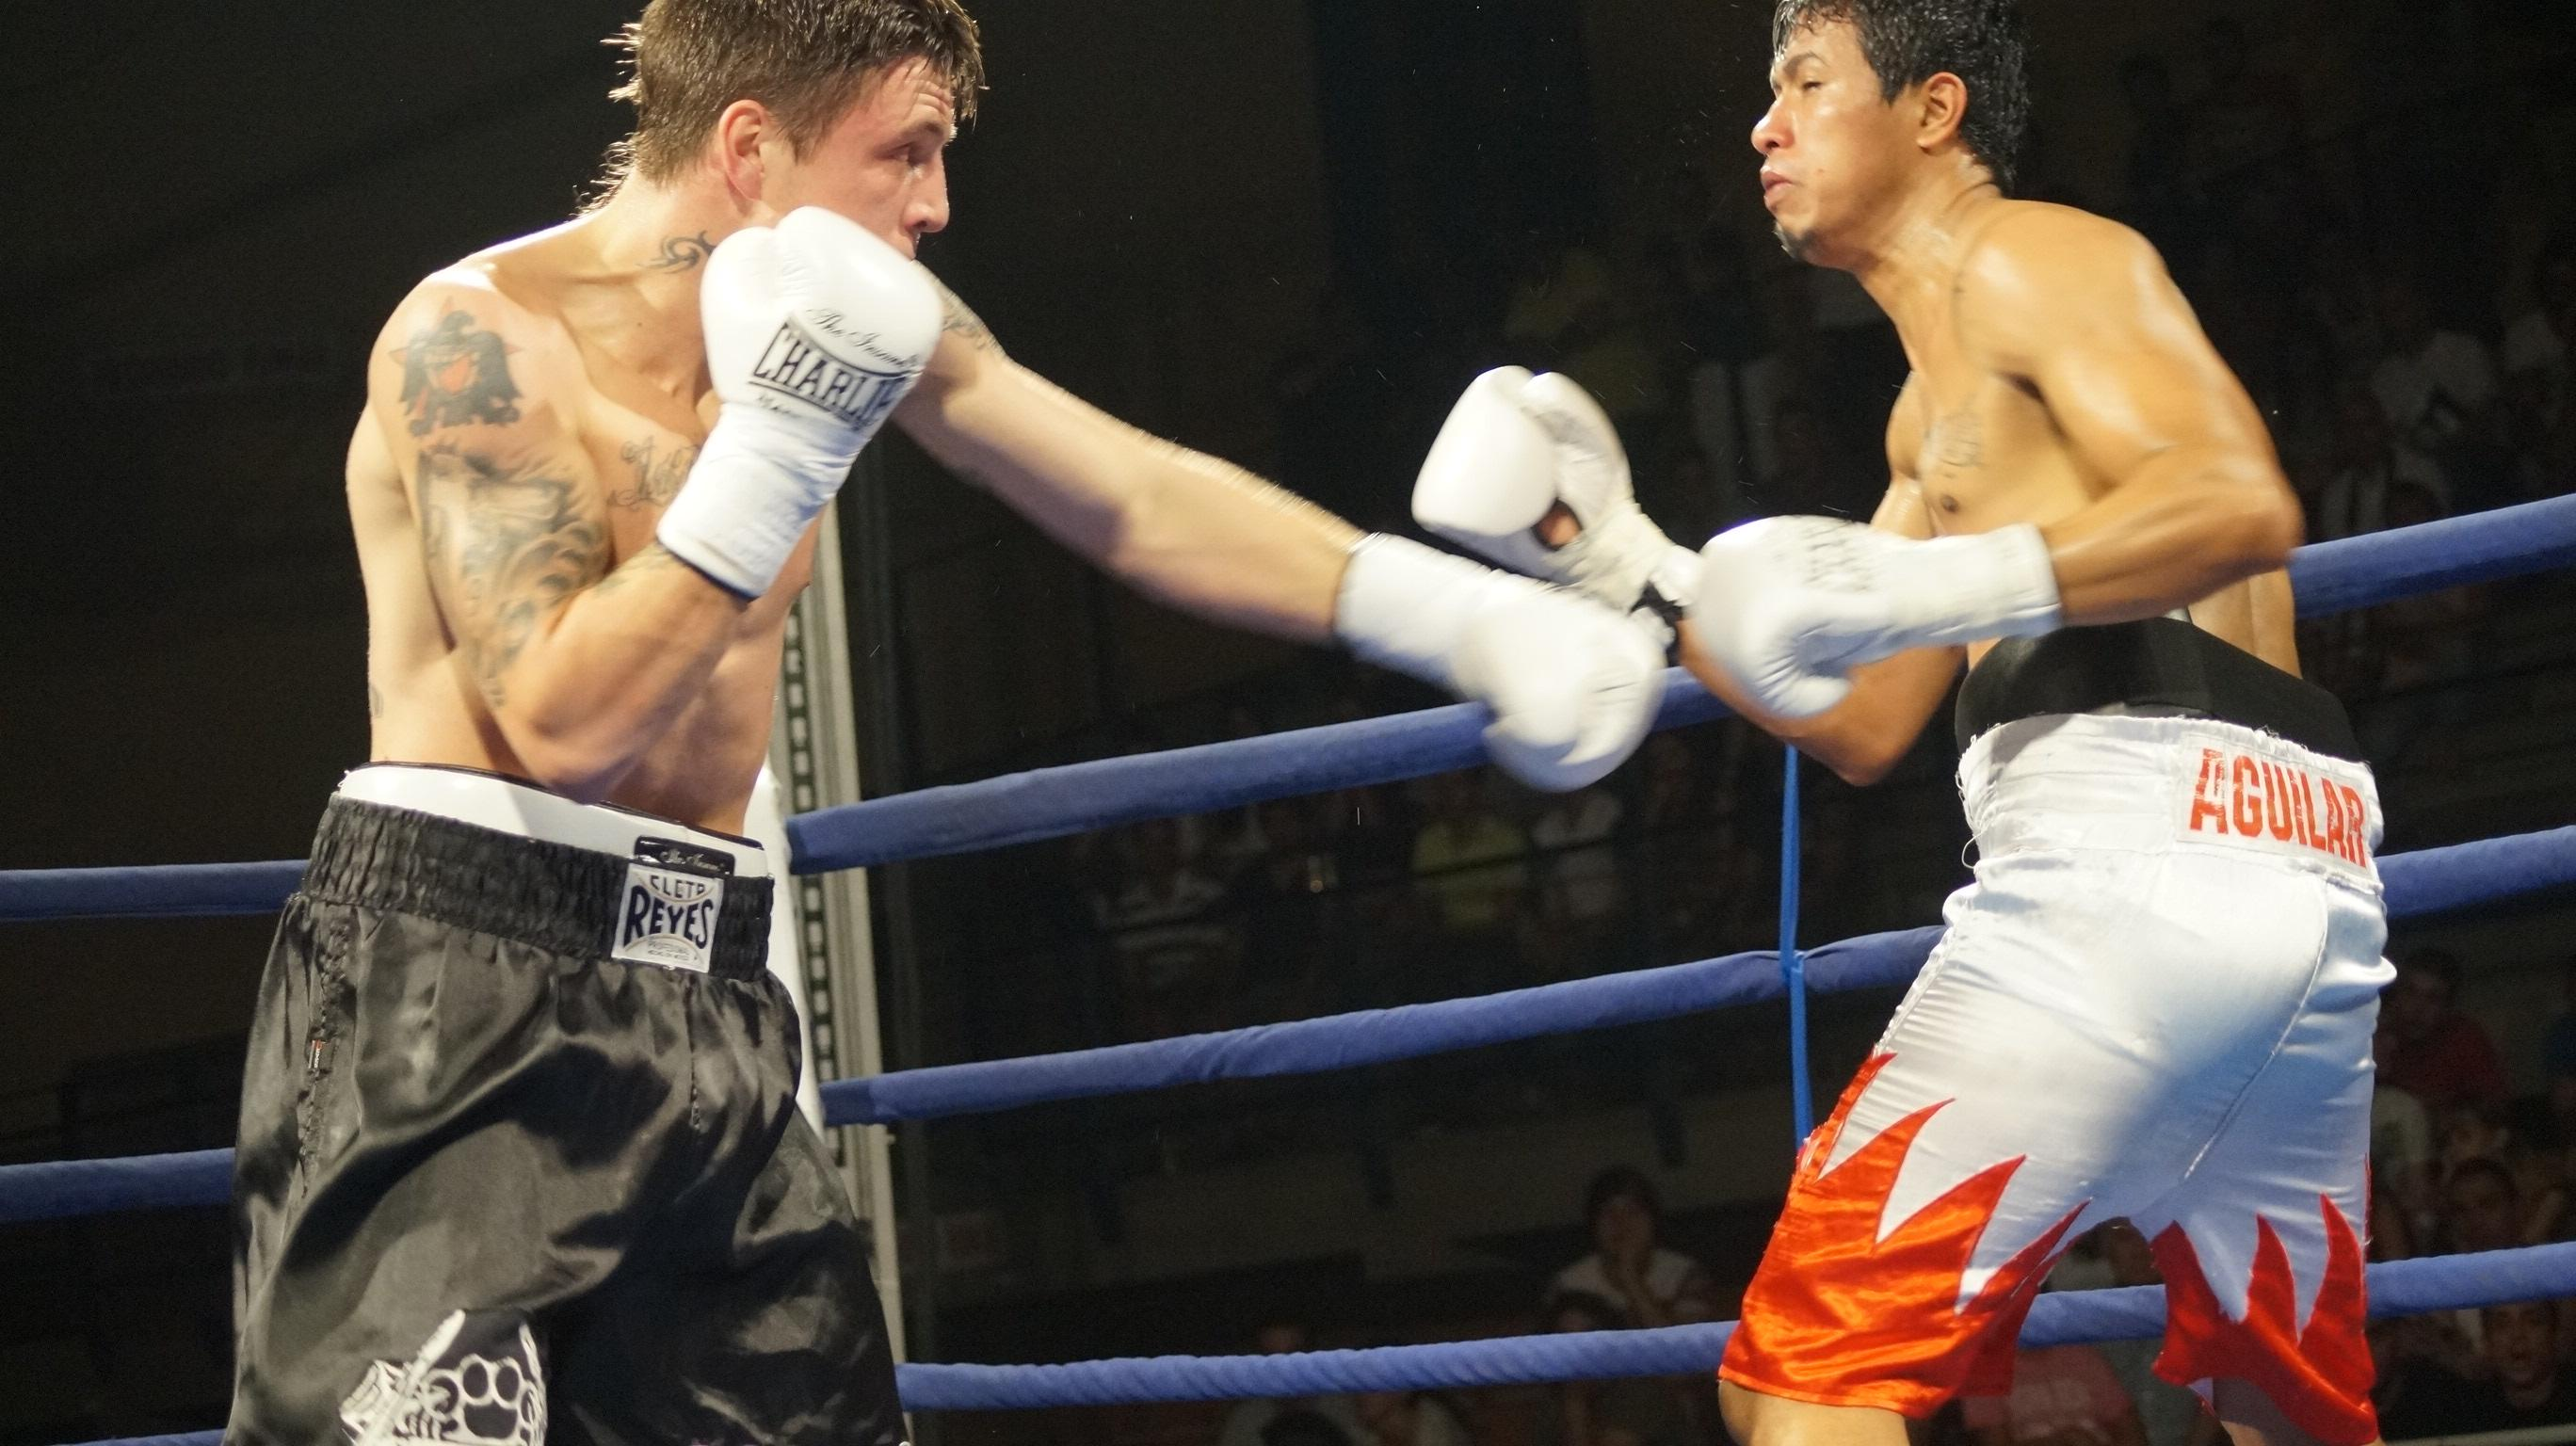 Kerman Lejarraga se impone por KO a Miguel Aguilar en el combate de boxeo profesional celebrado en Maliaño (Cantabria)